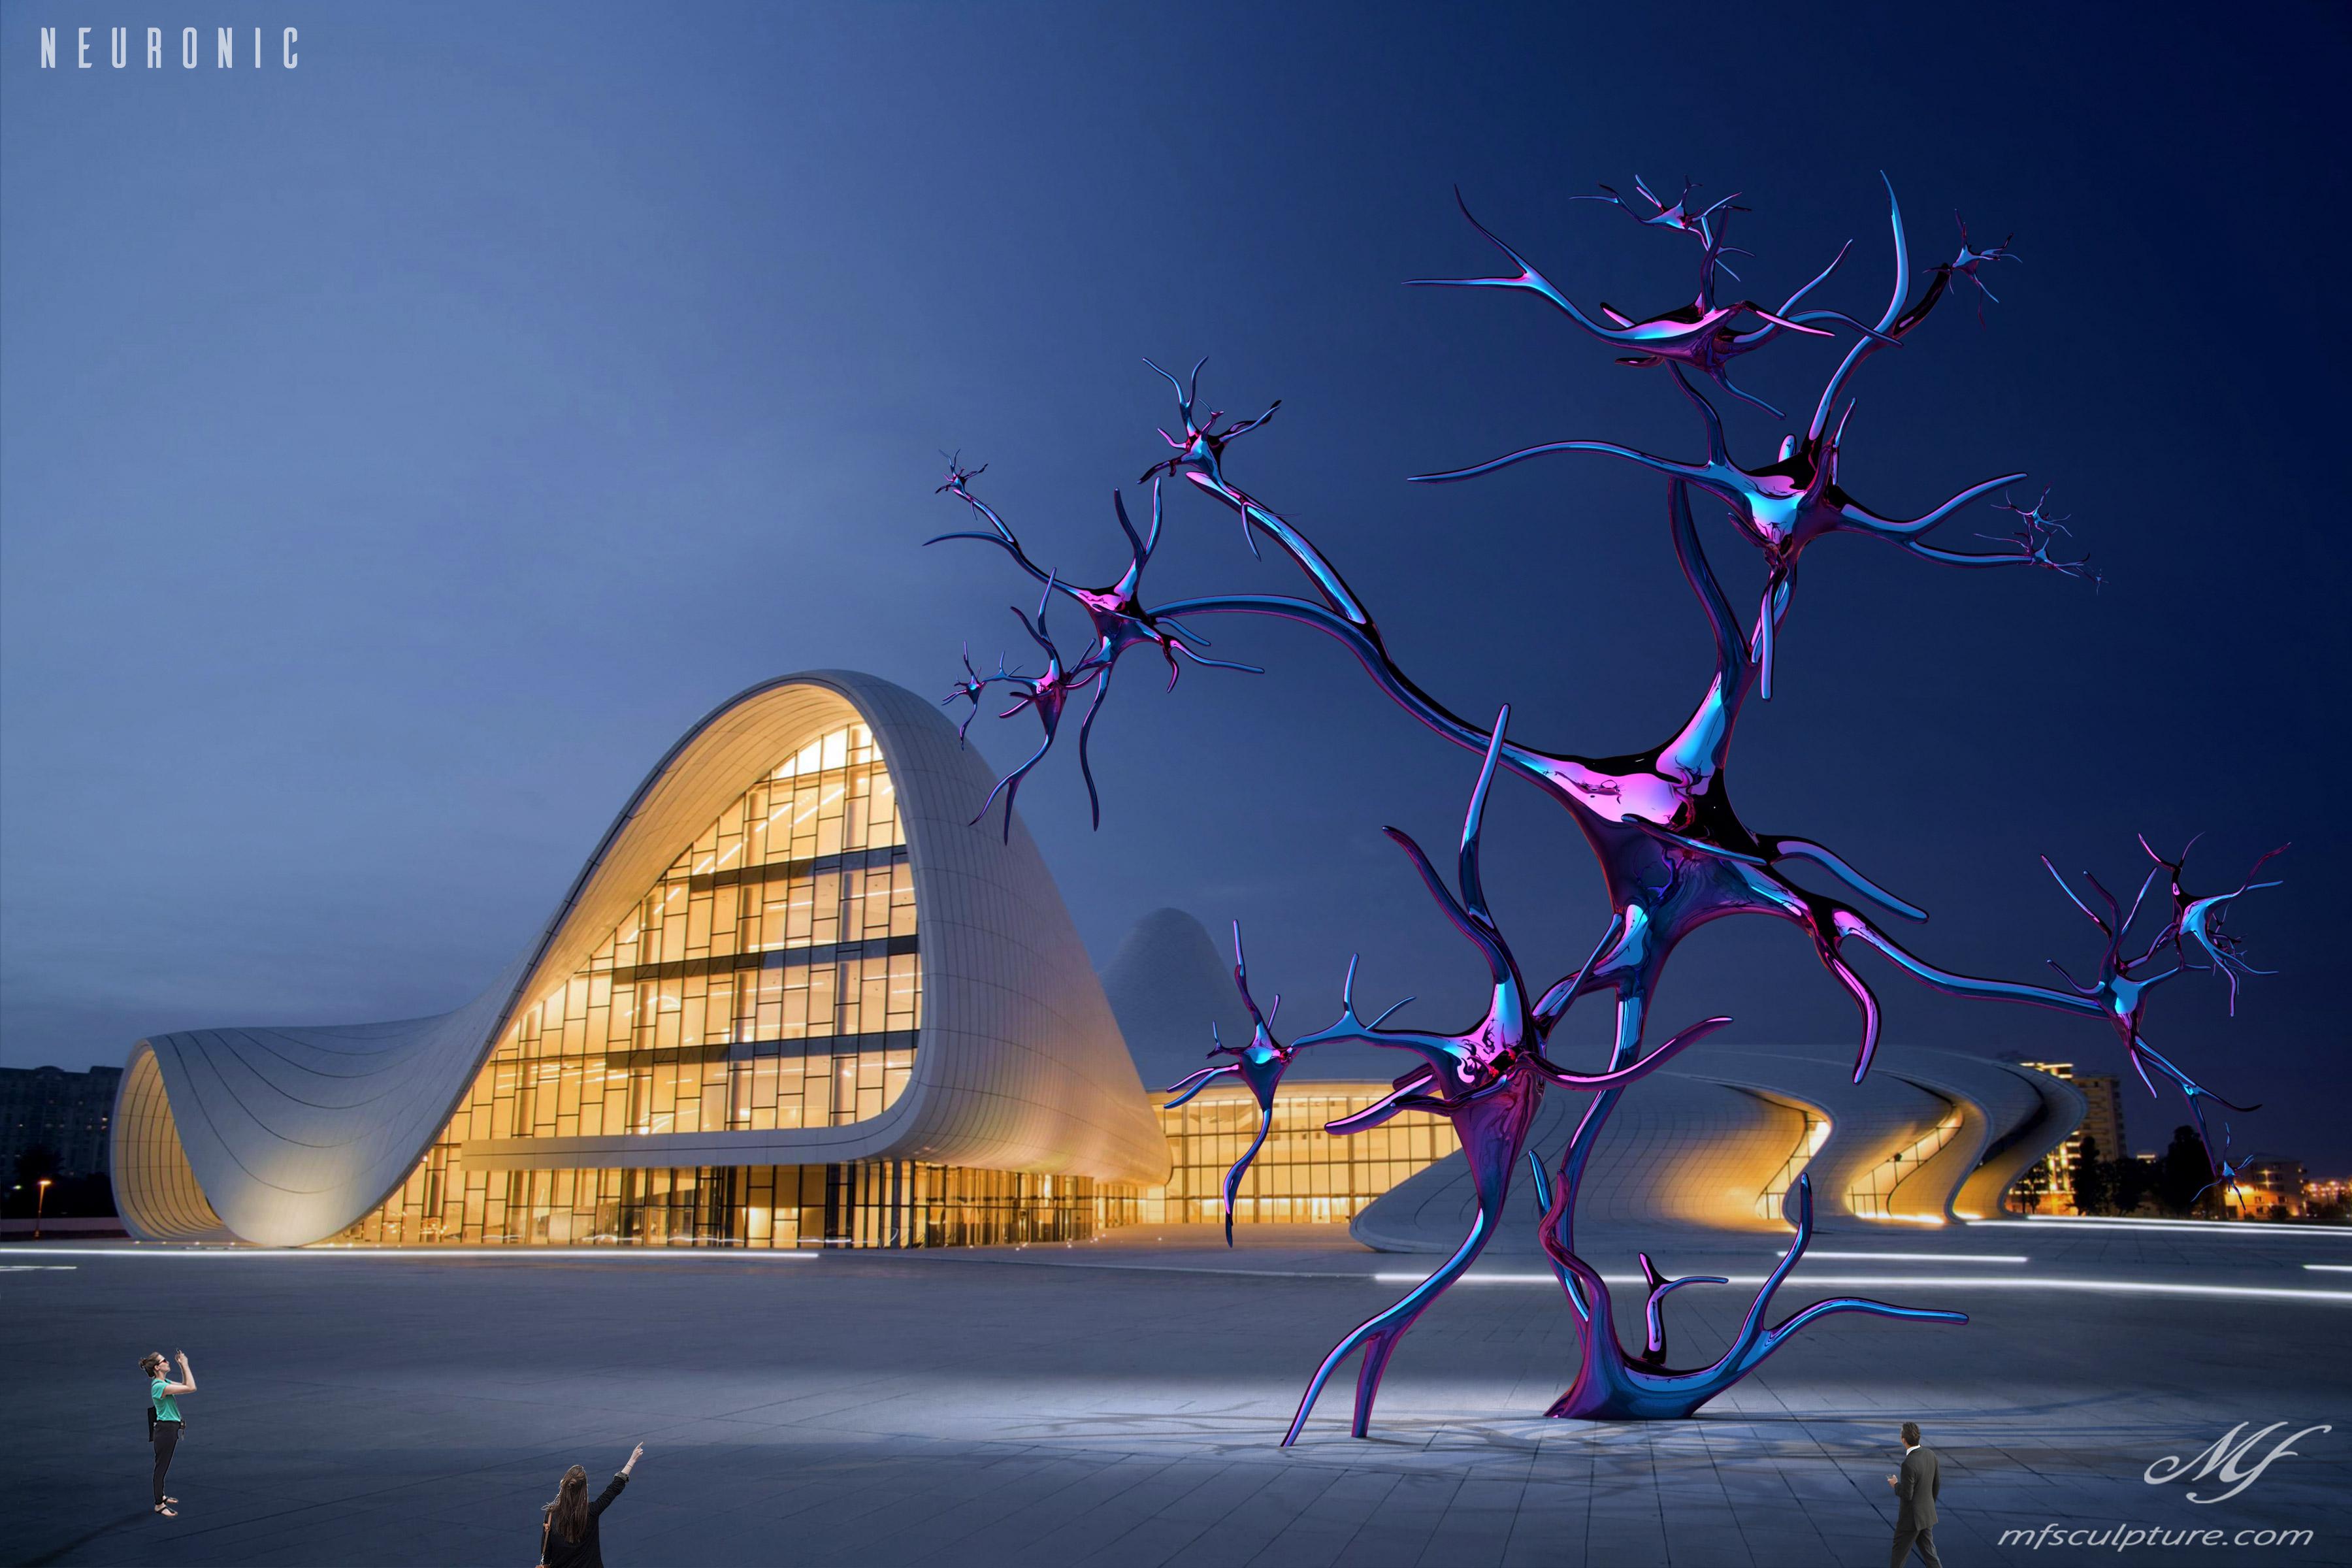 heydar aliyev center baku zaha hadid Modern Sculpture Neuronic Neuron Brain 4